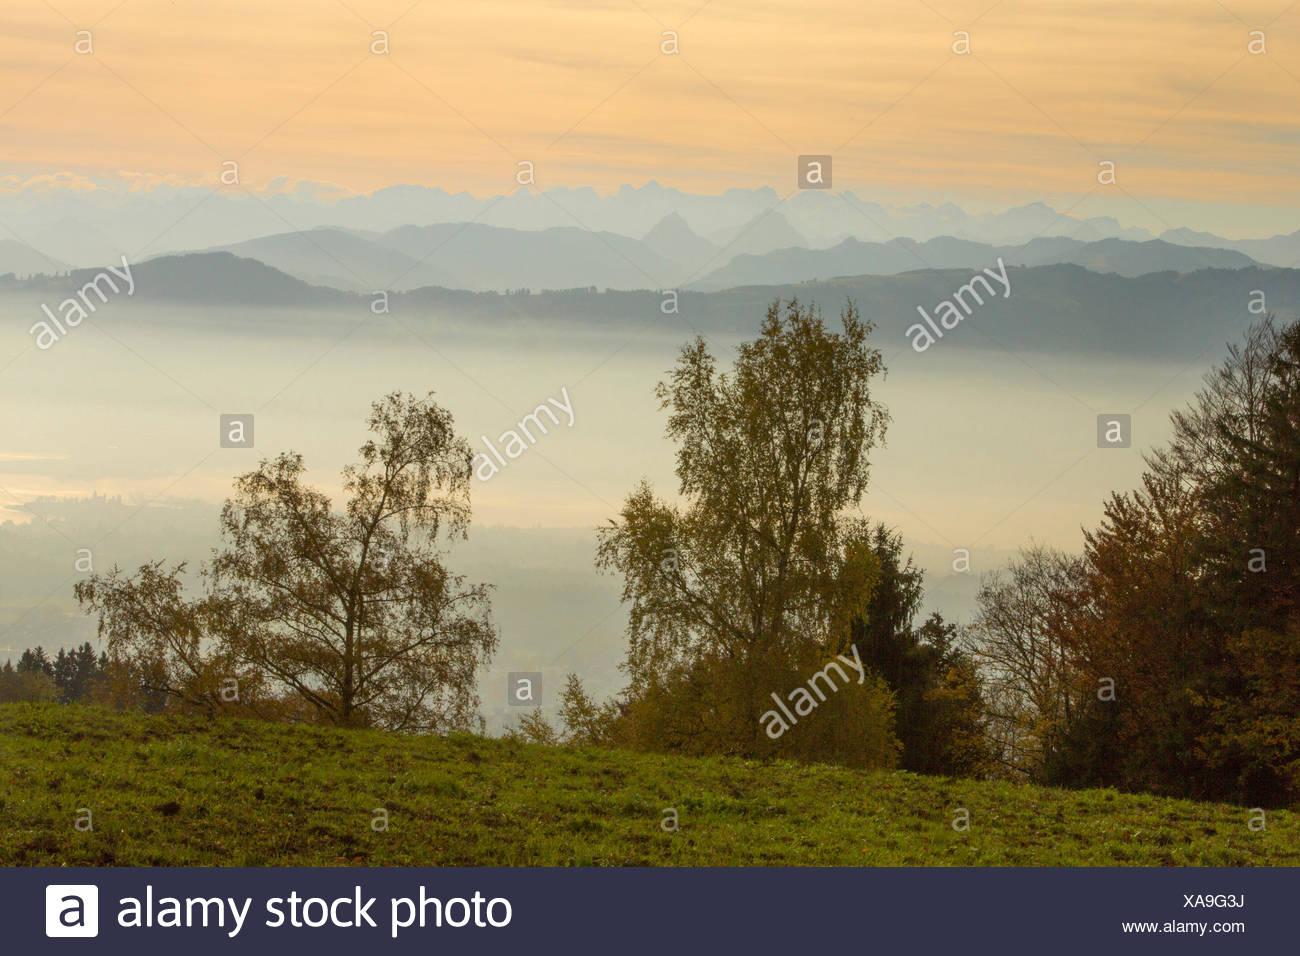 Bachtel, Zurich lake, view, Alpine chain, canton Zurich, mountain, mountains, Switzerland, Europe, - Stock Image